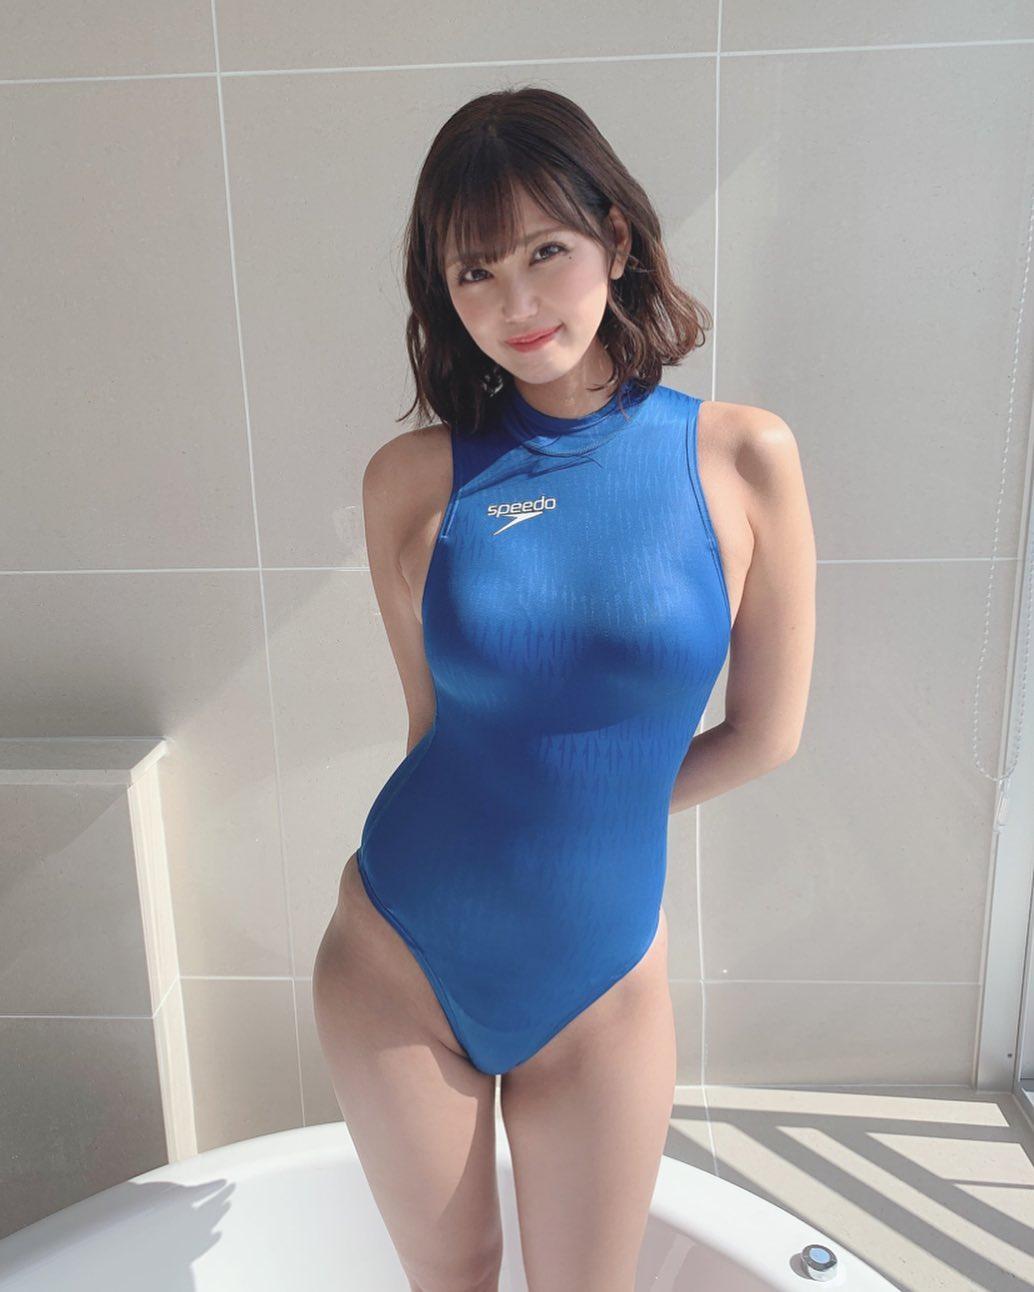 「こんな形の競泳水着はどうかな?」セクシー競泳水着姿を披露【篠原冴美さん/2021年2月24日】